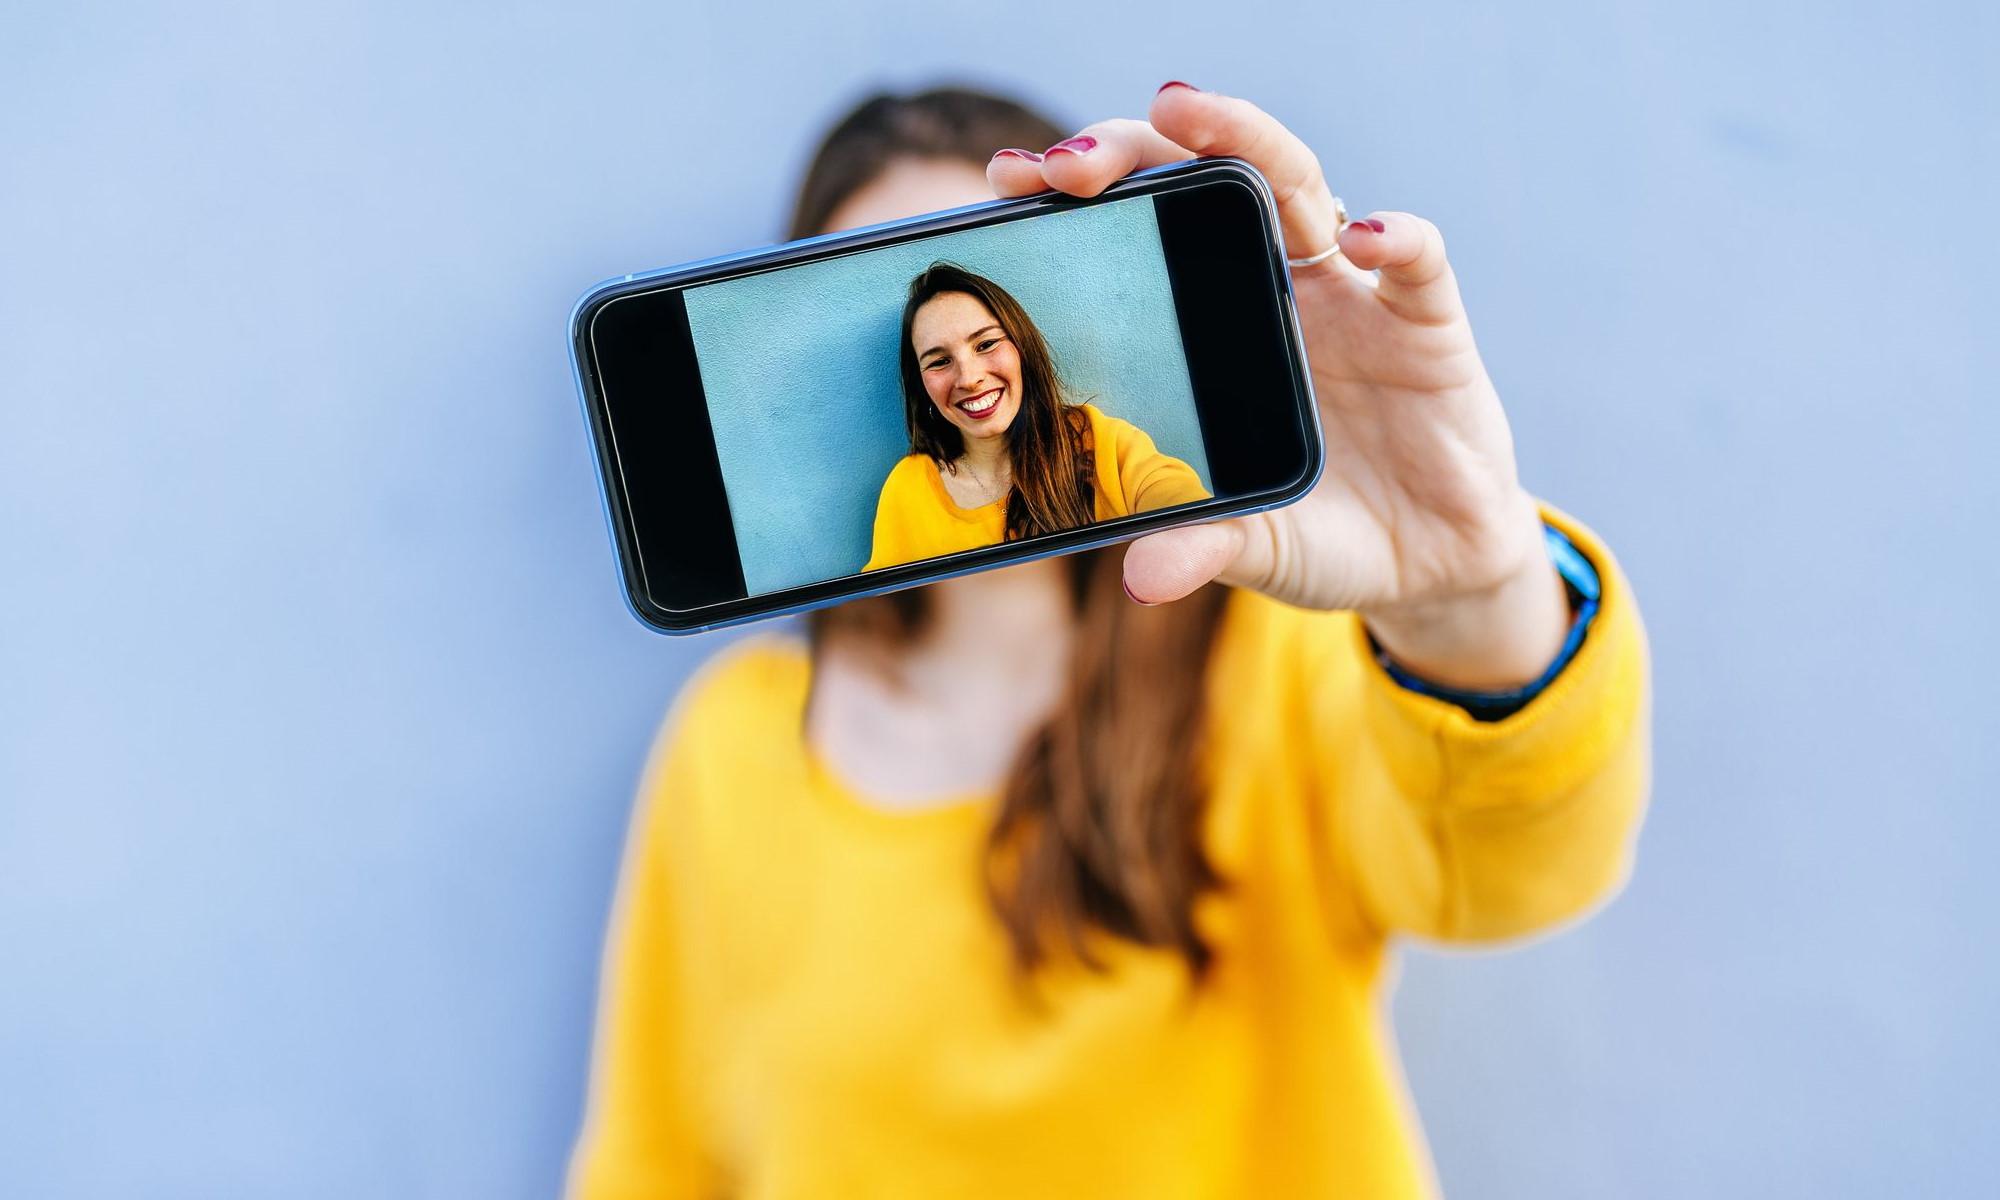 Мобильный телефон / Смартфон / Девушка с телефоном